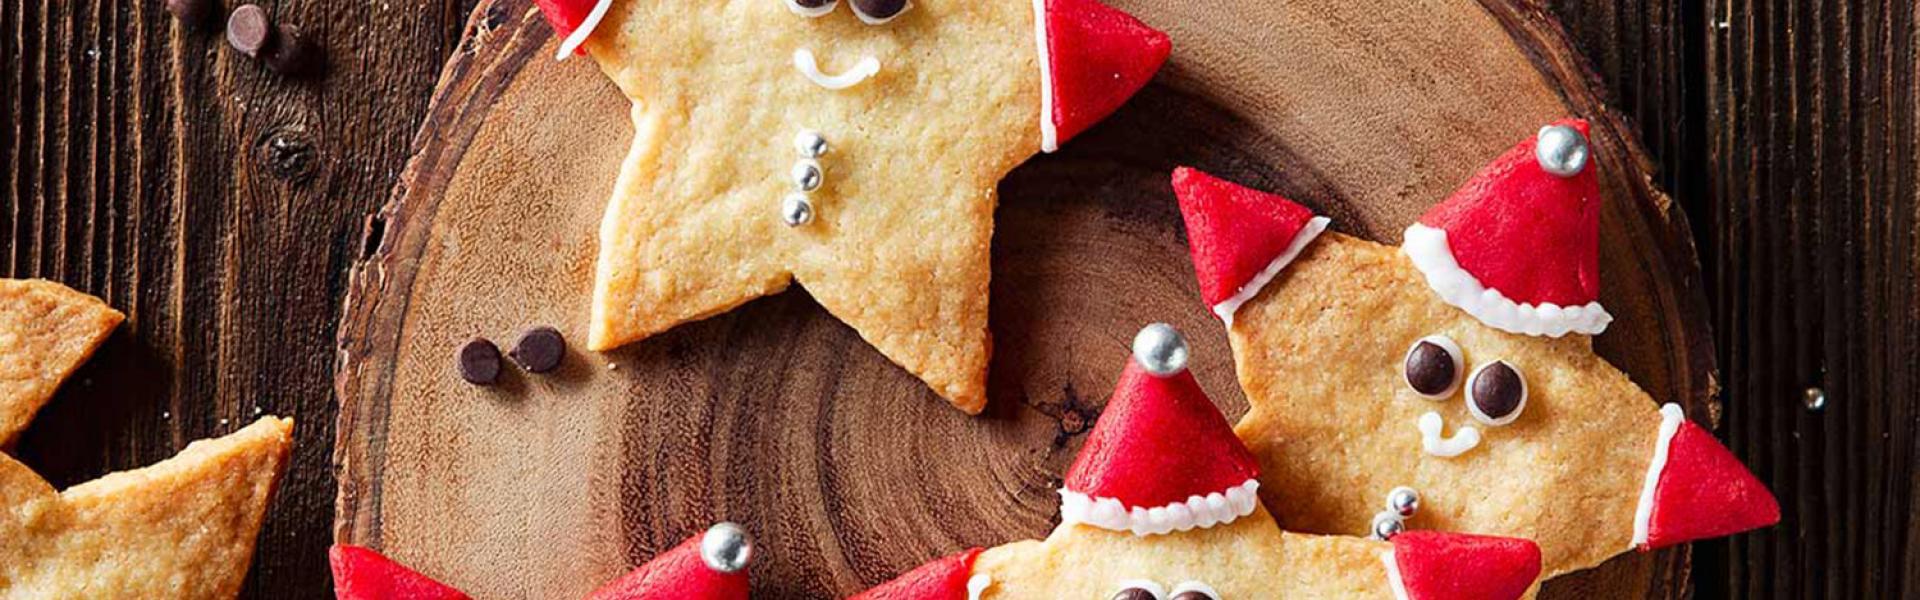 Mehrere kleine Nikolausplätzchen auf einem Teller.